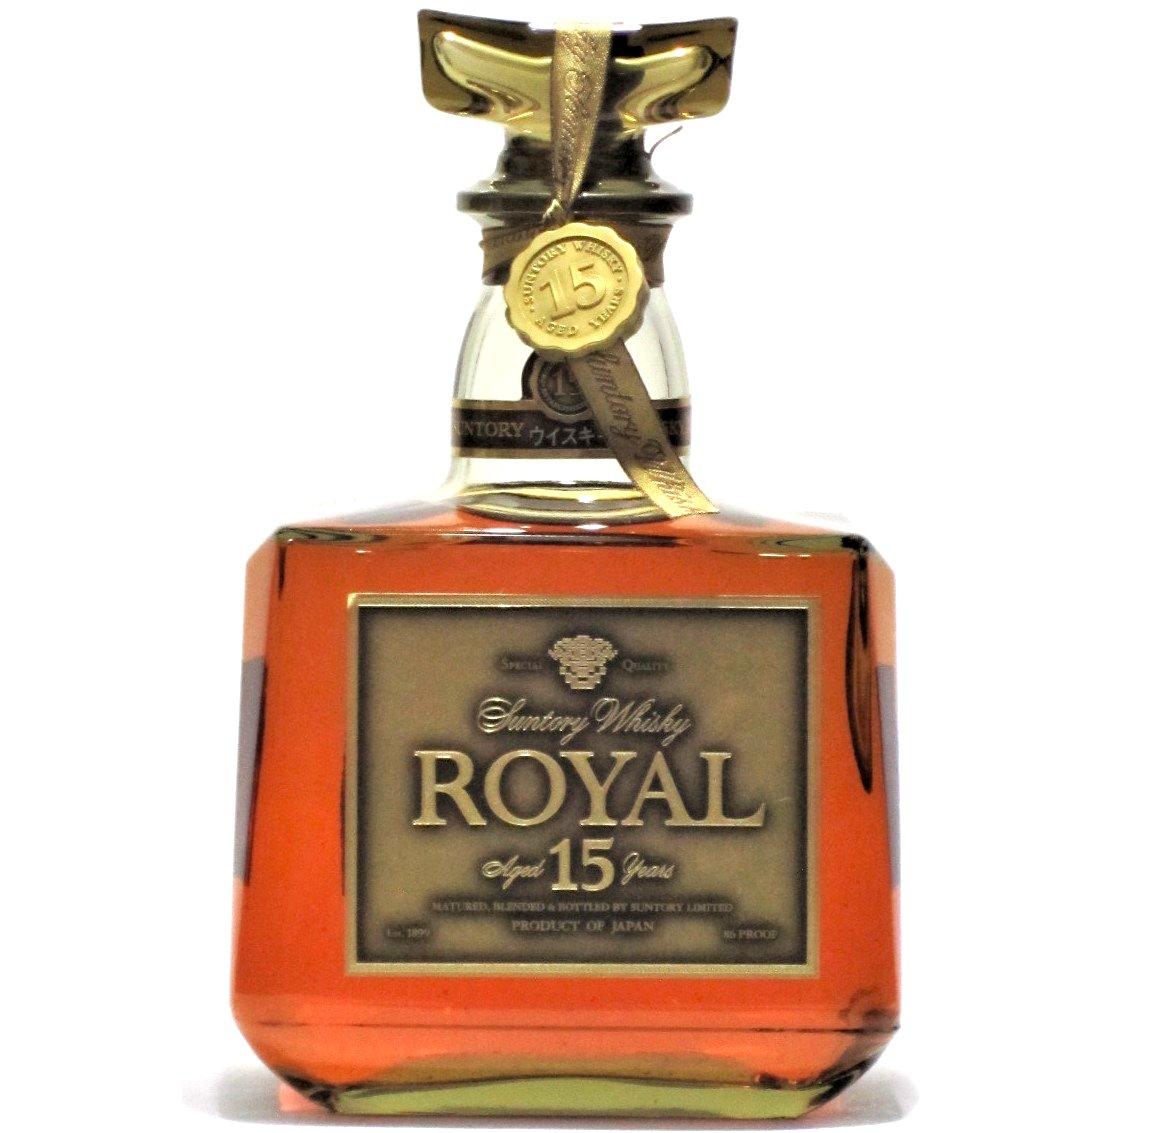 [古酒] [送料無料] サントリーウイスキー ローヤル 15年 ゴールドラベル クリアボトル 43度 750ml